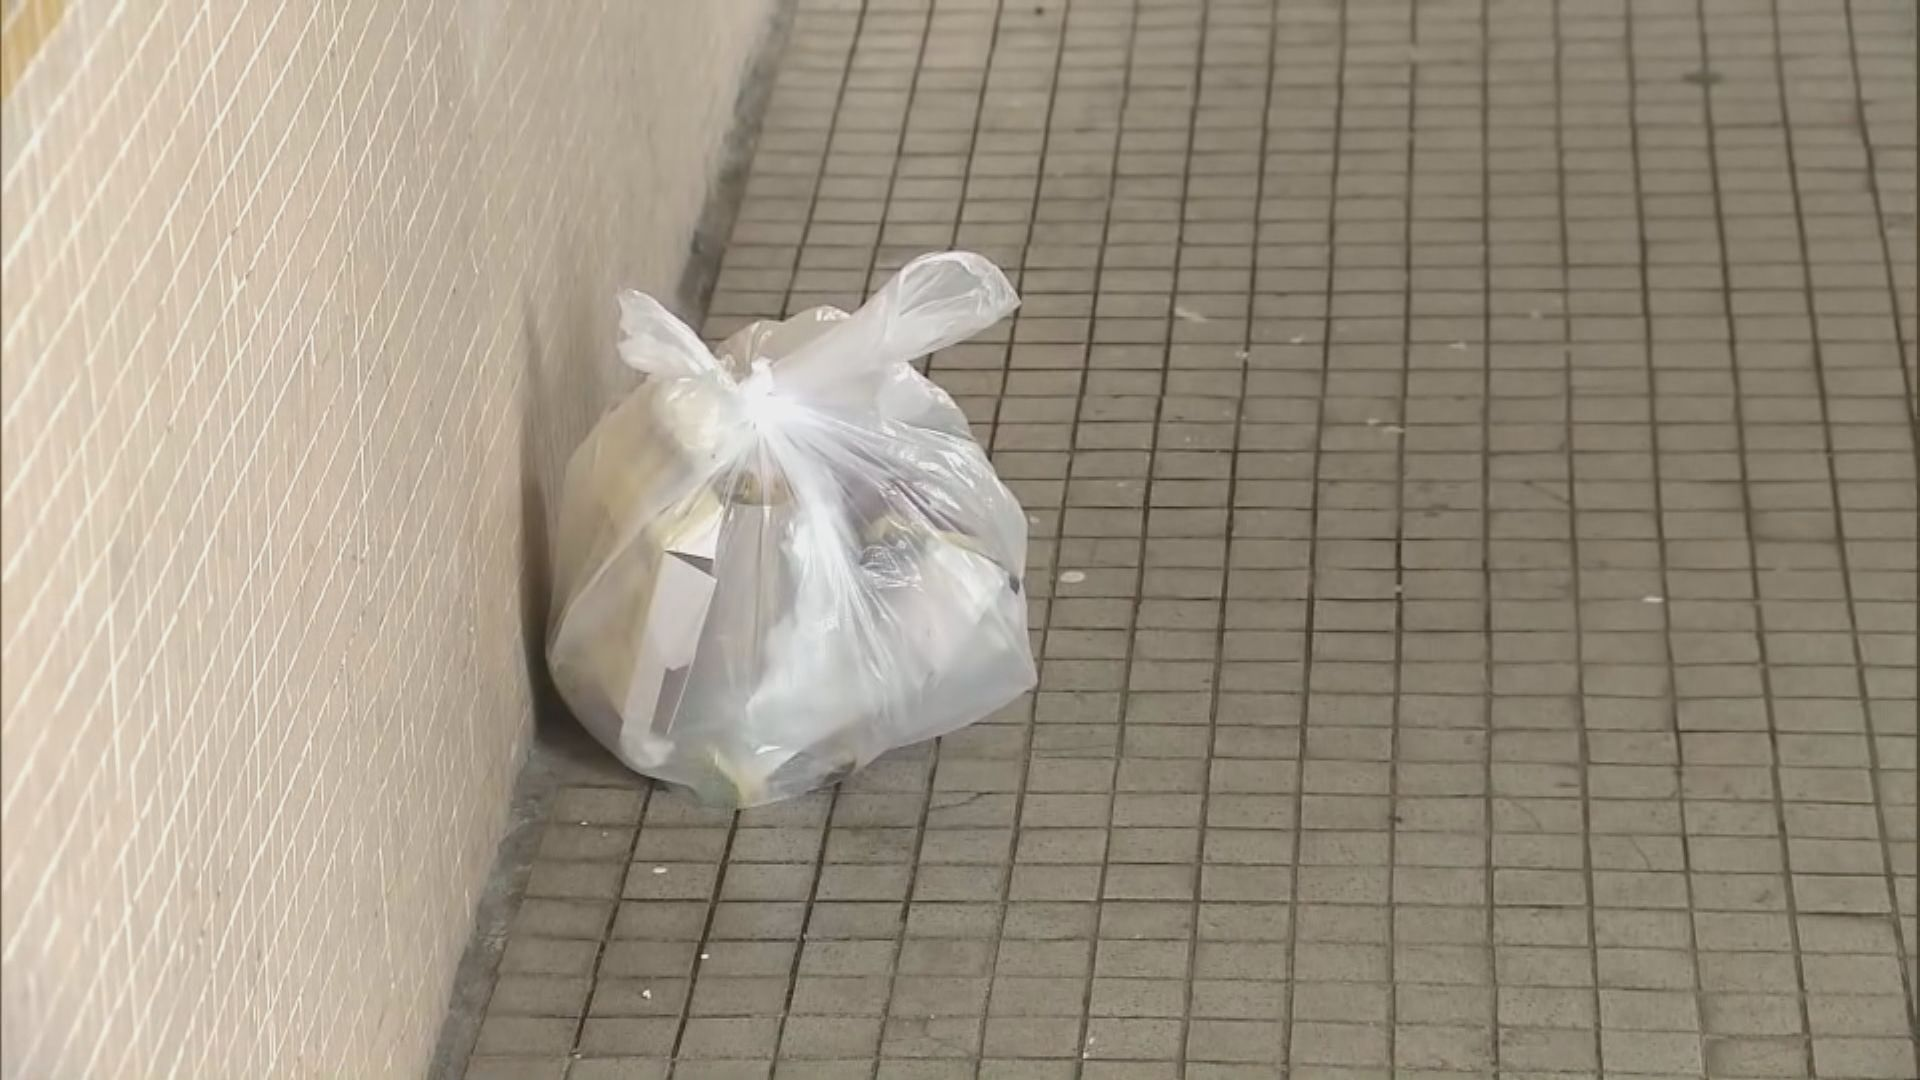 東頭邨貴東樓多人確診 有居民不滿大廈衞生情況